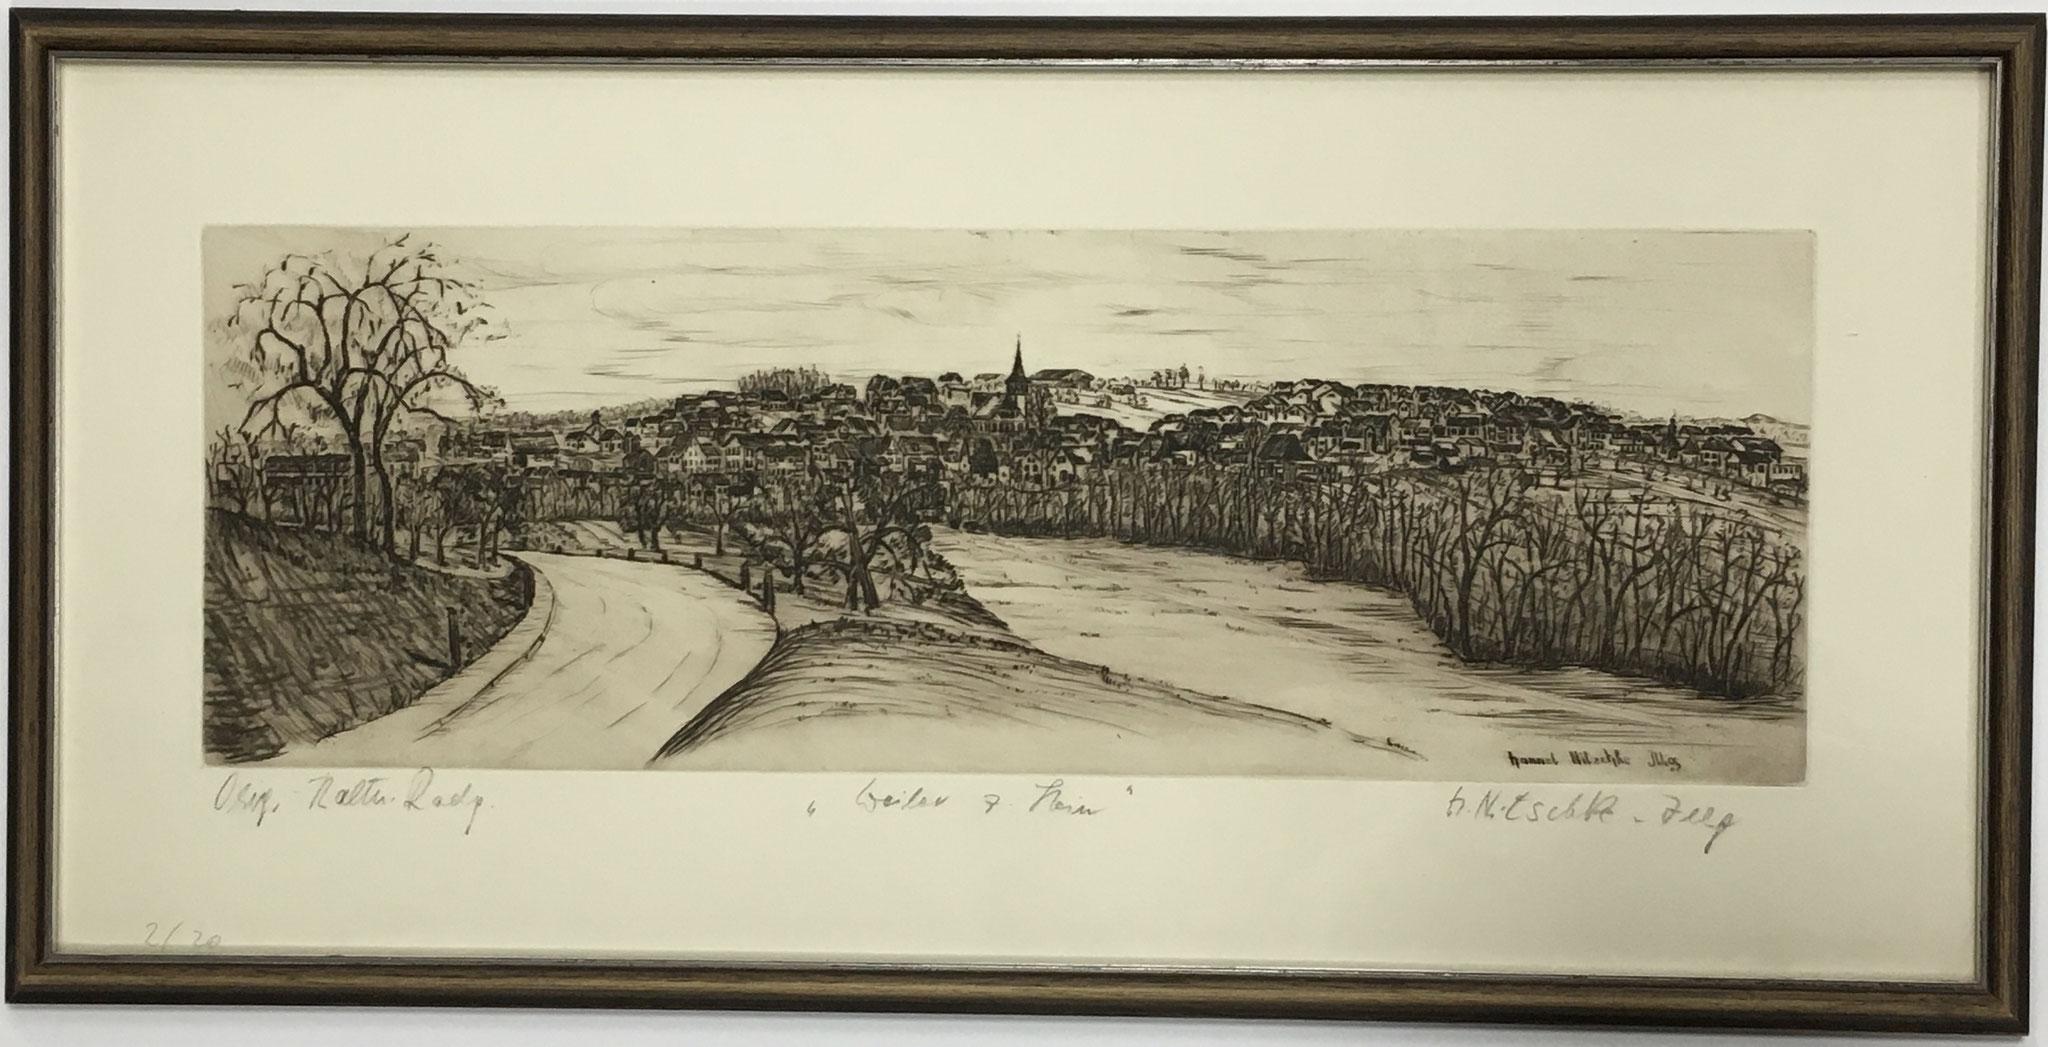 """Hannel-Nitschke-Illg Original Radierung """"Weiler z. Stein""""  Größe/Falzmaß: 59x28, € 145,-"""